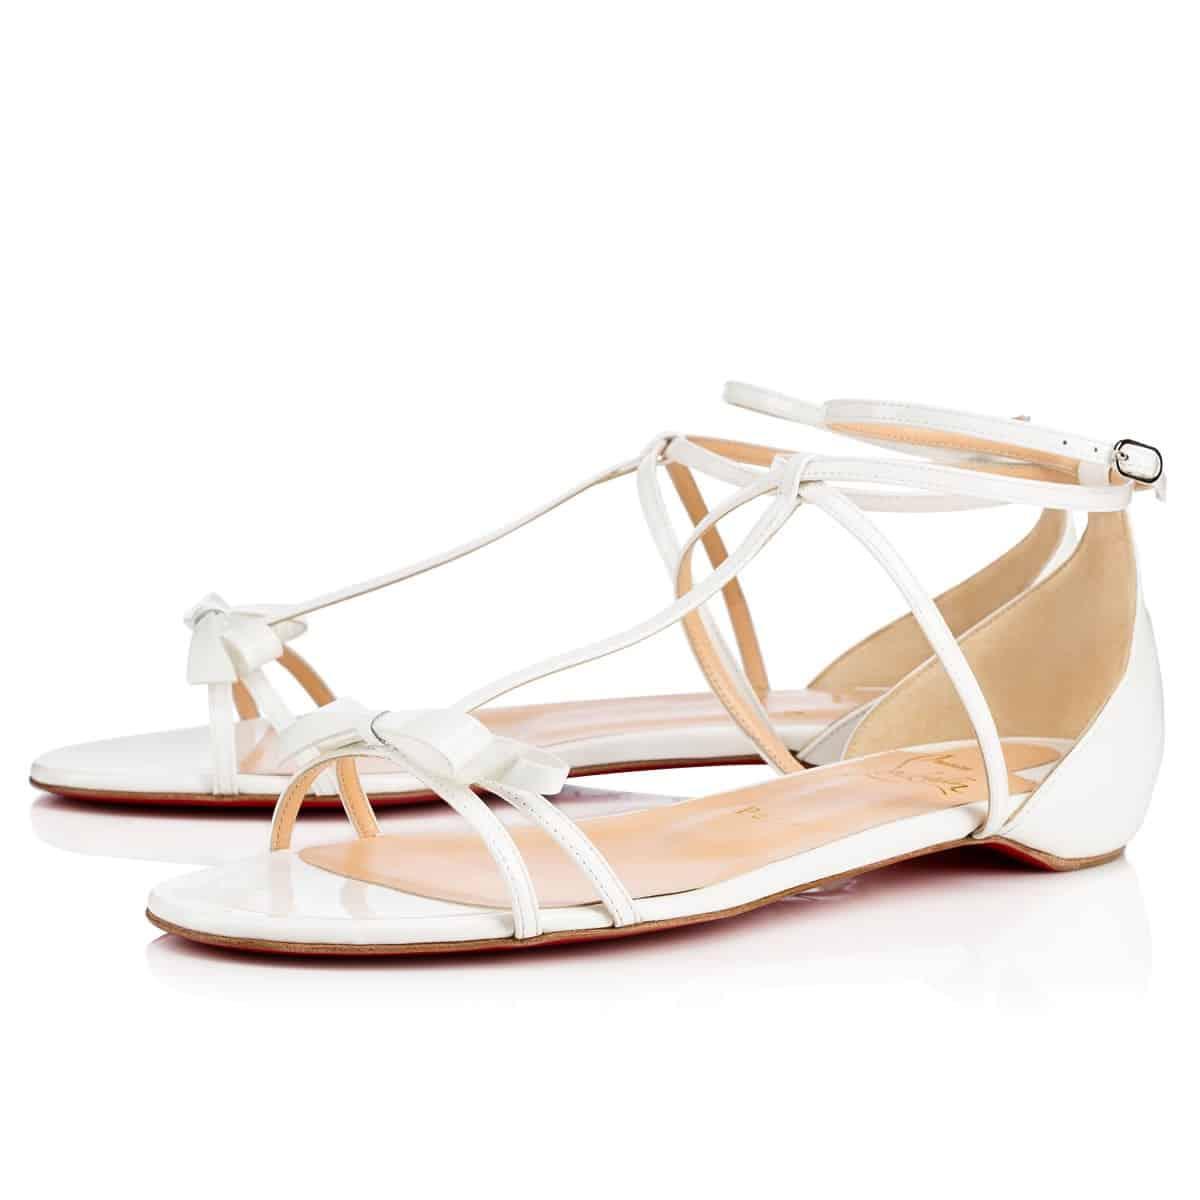 10 Ravissantes Chaussures De Mariée Avec Lesquelles Vous N